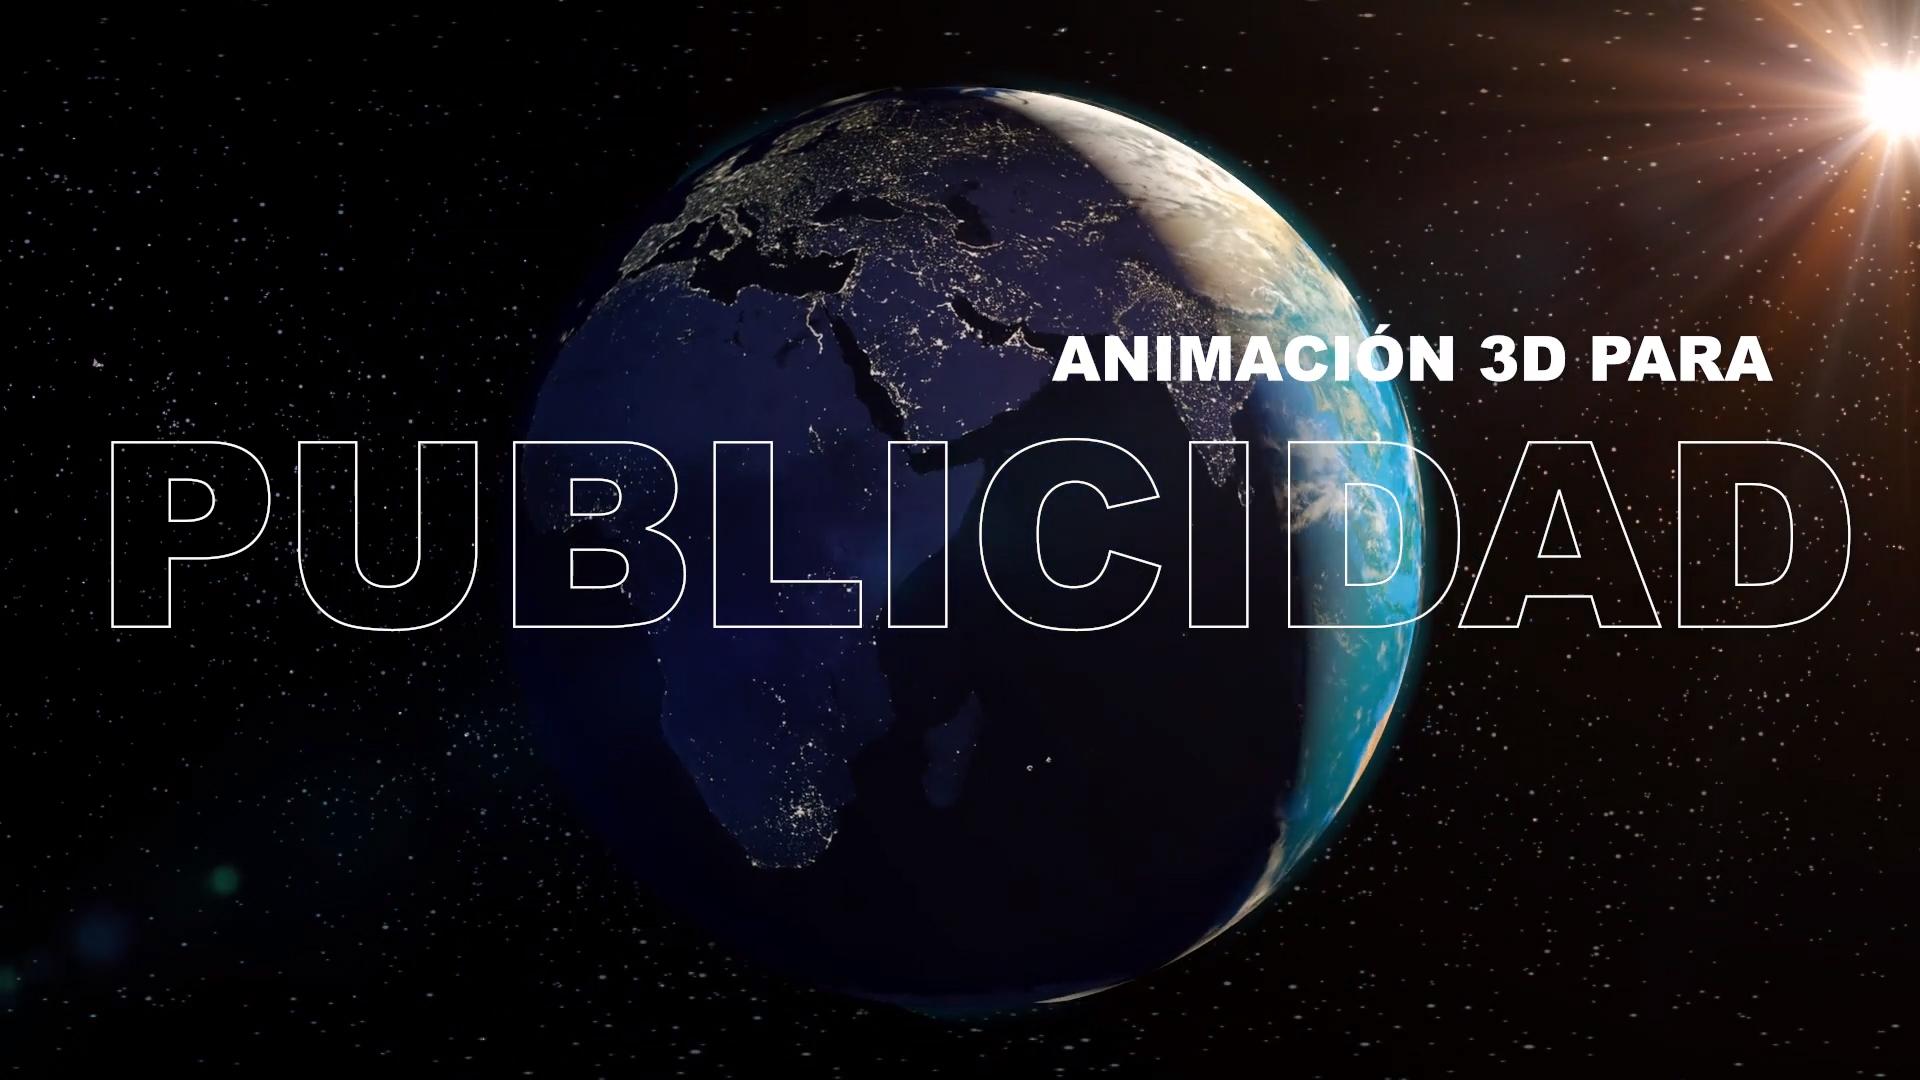 ANUNCIO 3D | PUBLICIDAD con animación 3D profesional